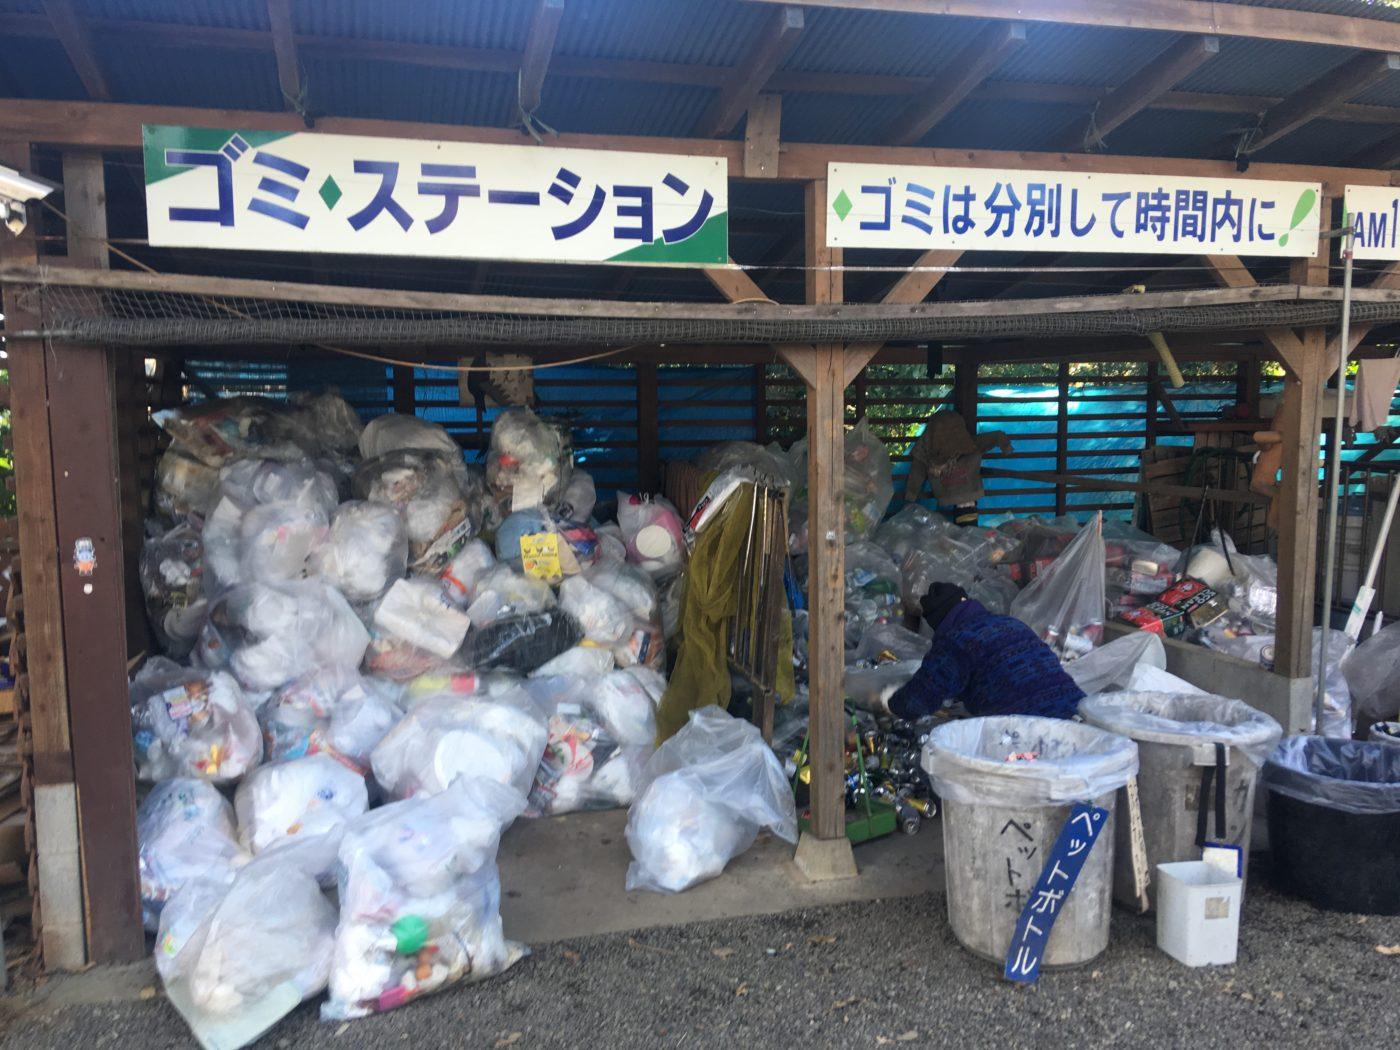 年末年始のキャンプ場で感じたゴミ捨て問題。